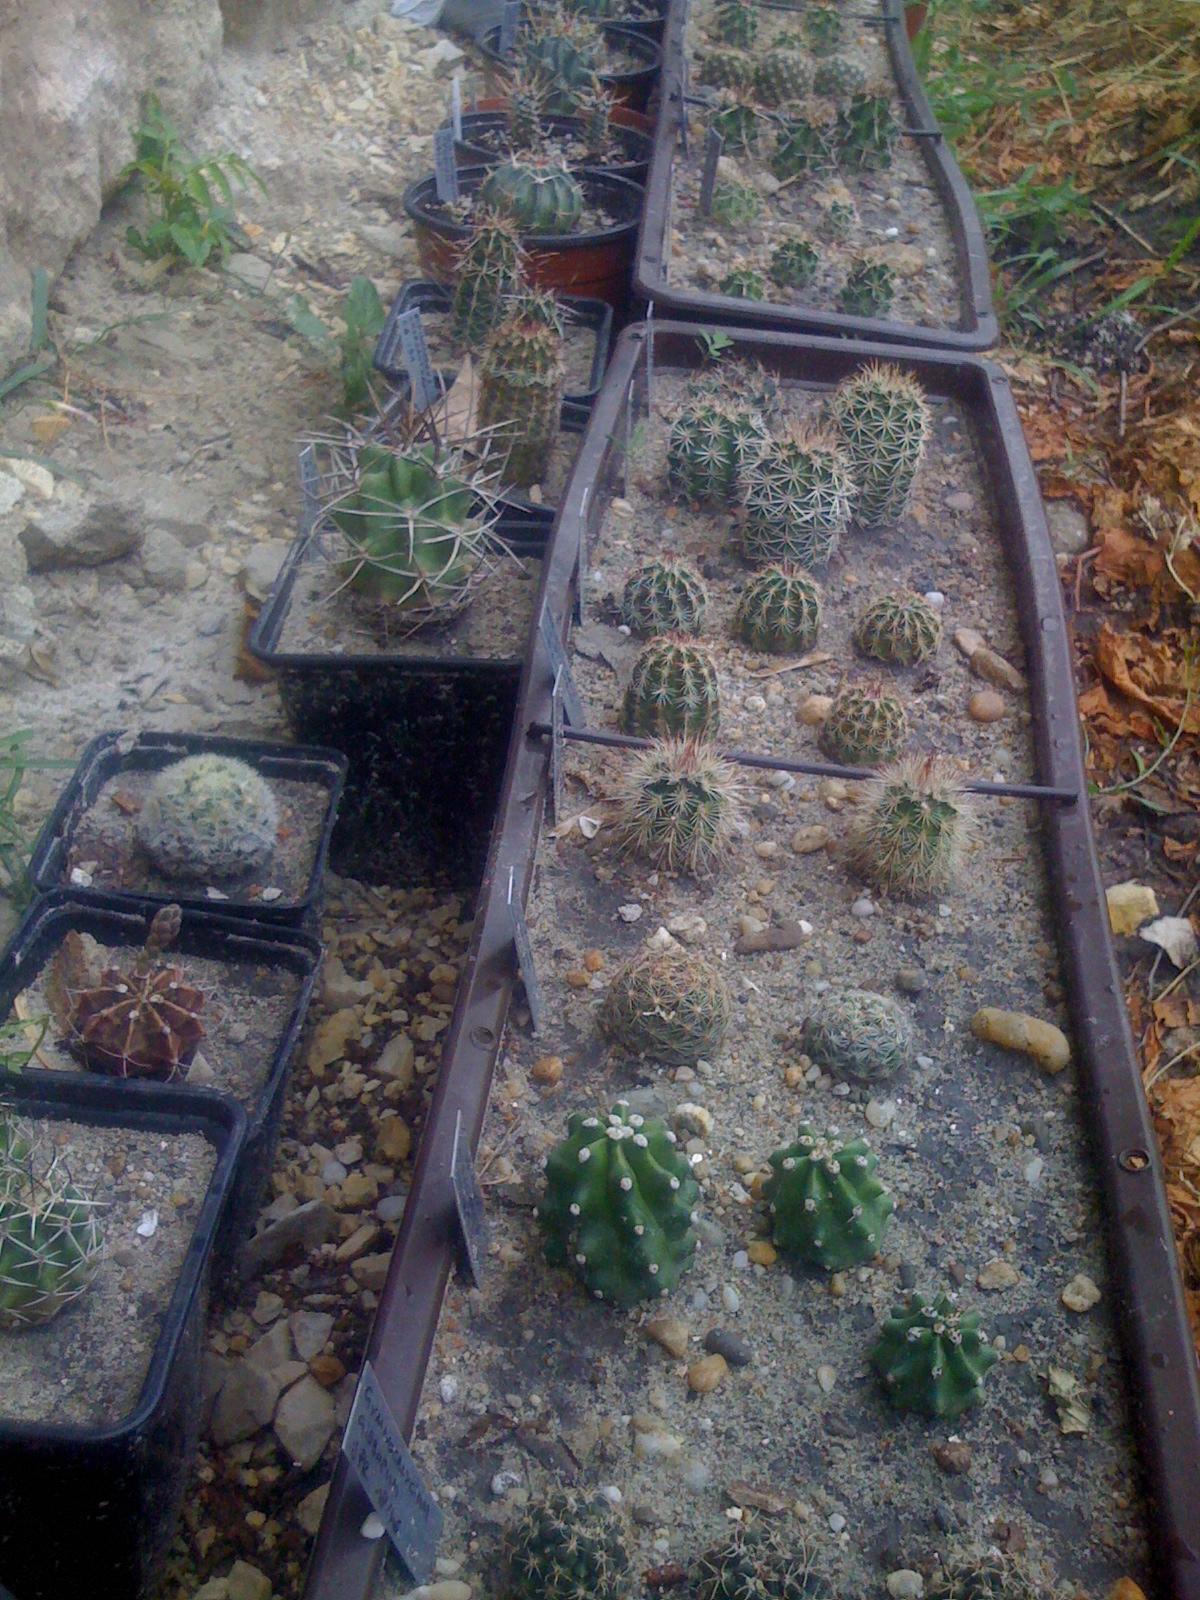 Szerelmetes kaktuszaim a fal tövében